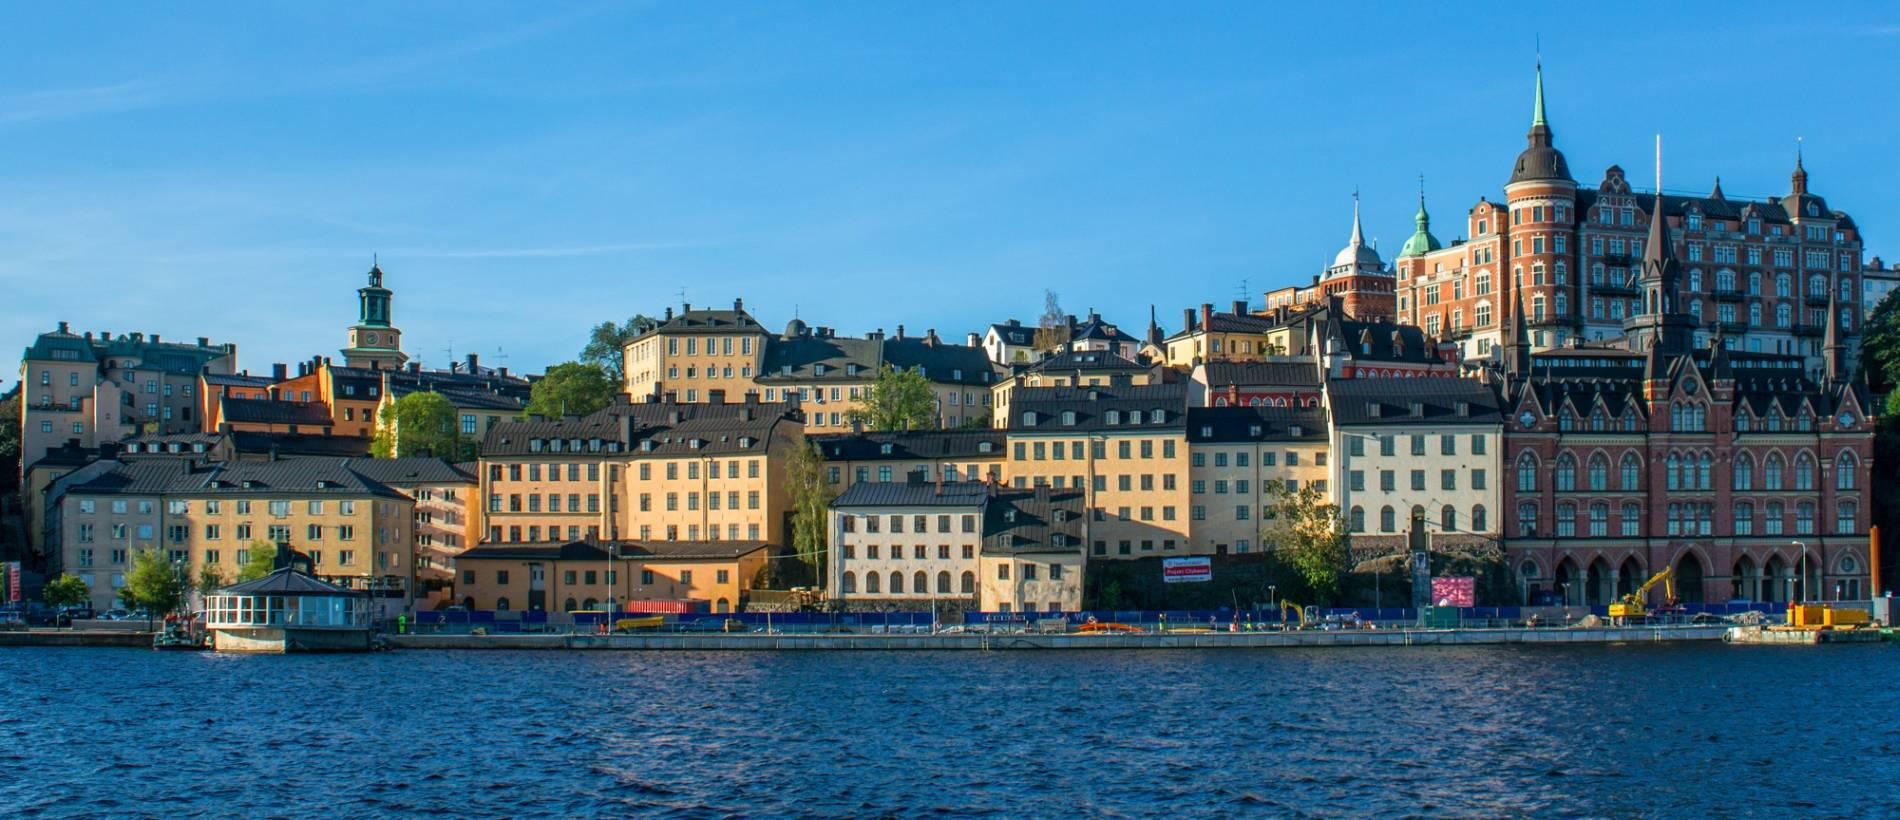 คู่มือ ท่องเที่ยว สวีเดน